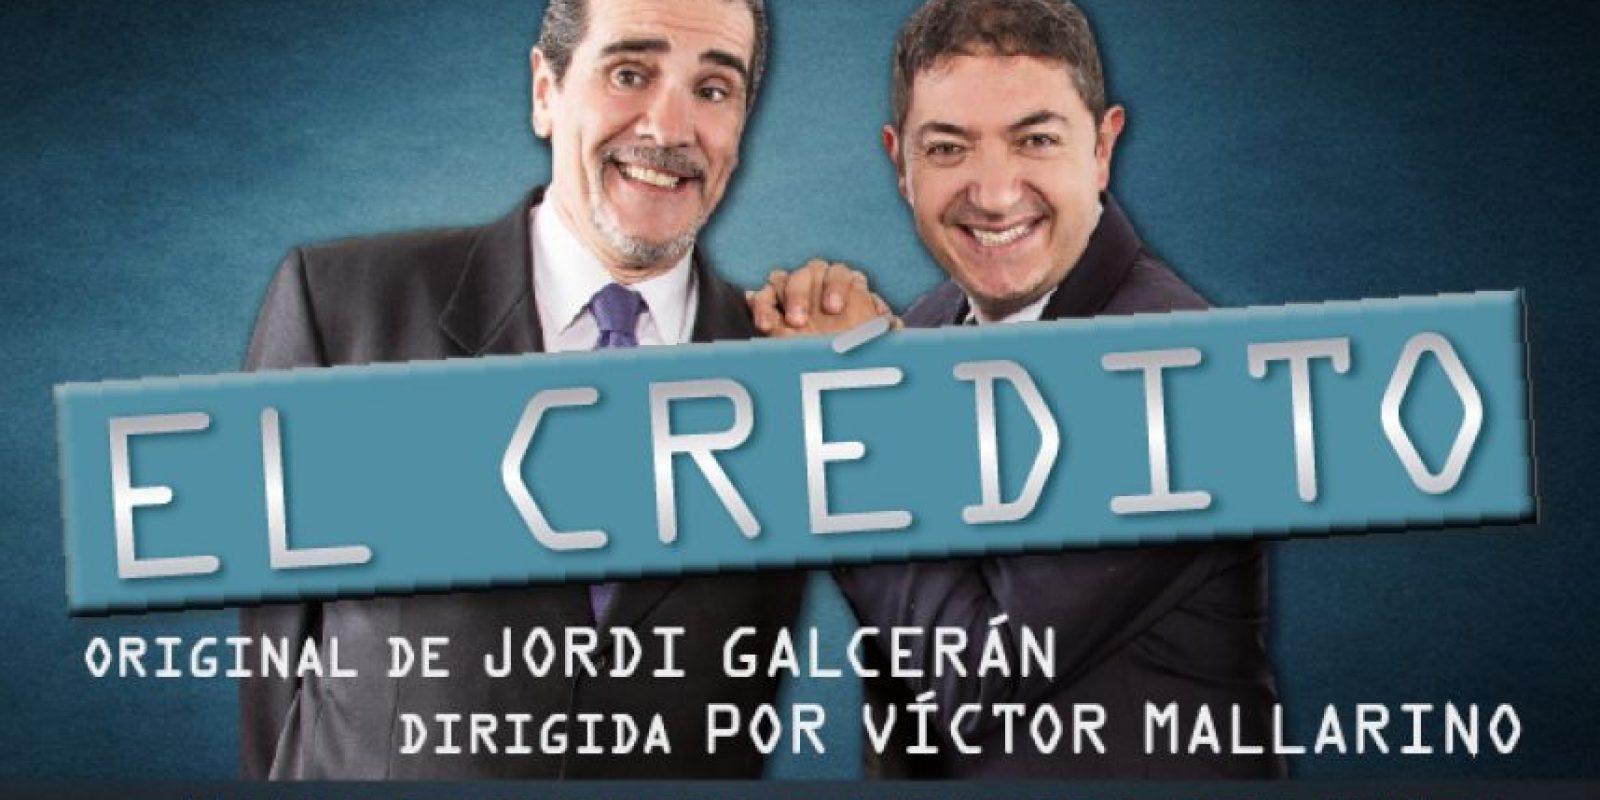 La comedia 'El Crédito', bajo la dirección de Víctor Mallarino y con la actuación de Manuel Navarro y Ernesto Benjumea, llega a Medellín. Foto:Tomada de El teatrico.co